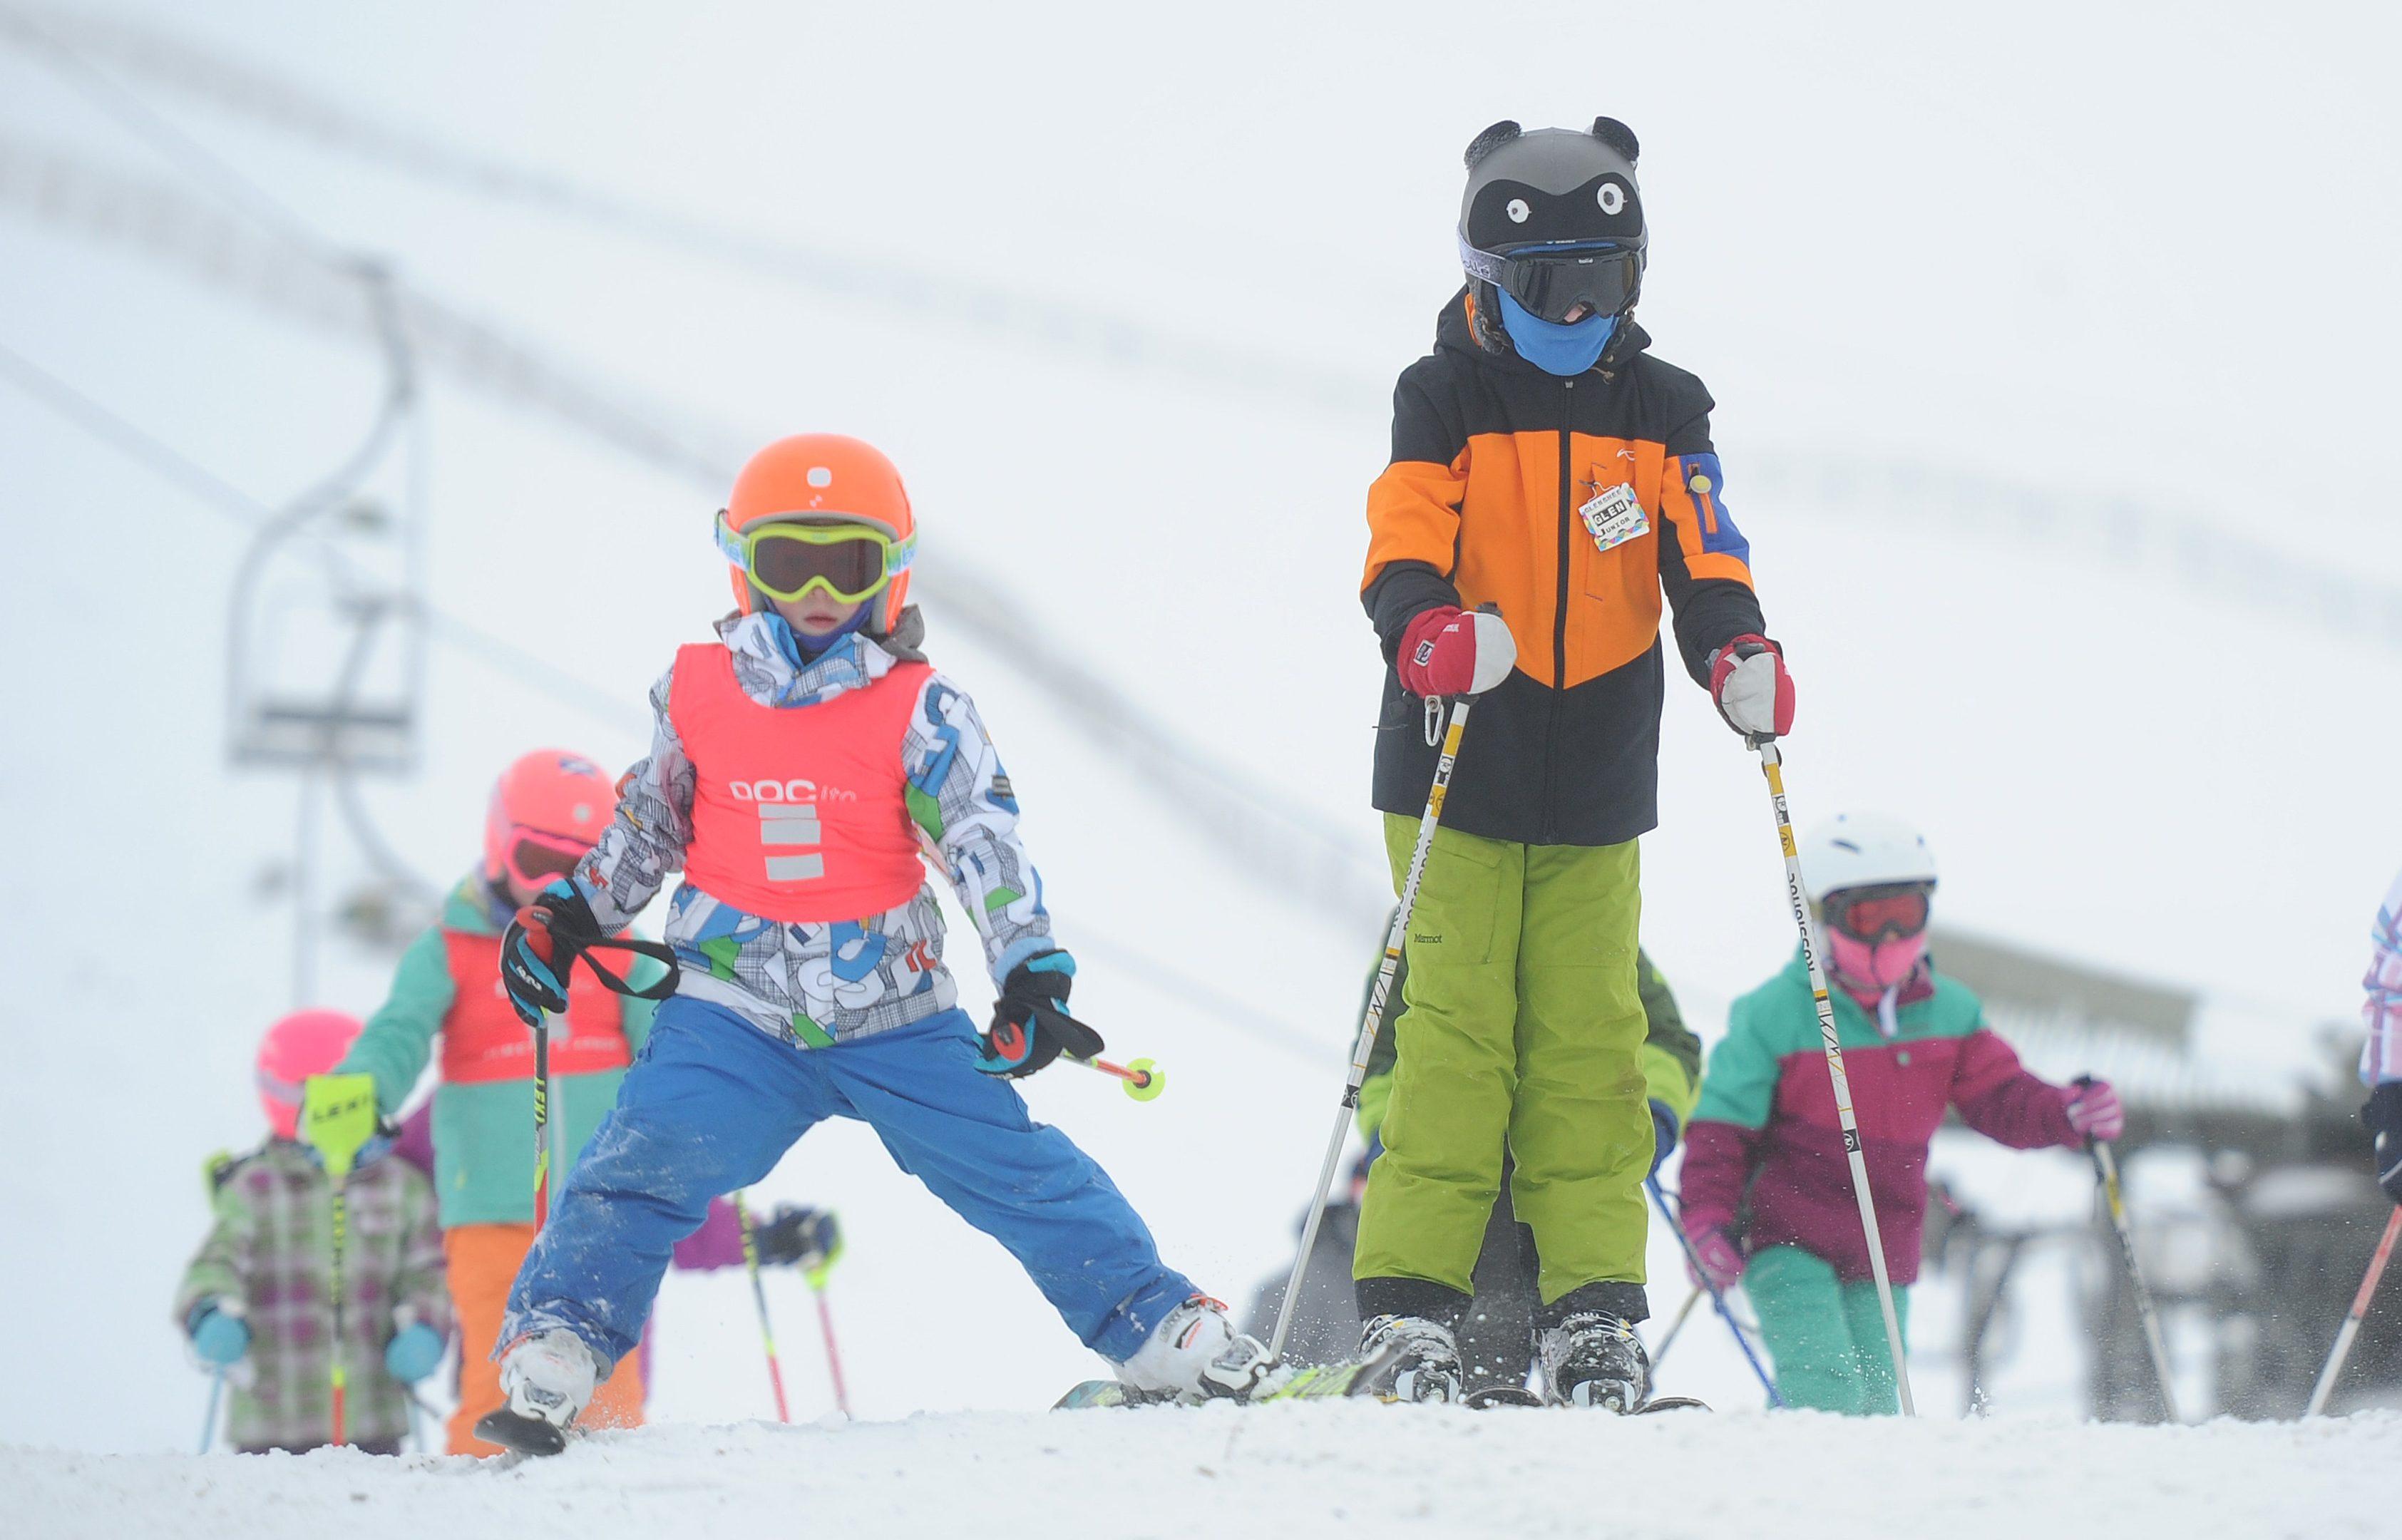 Ski enthusiasts at Glenshee.